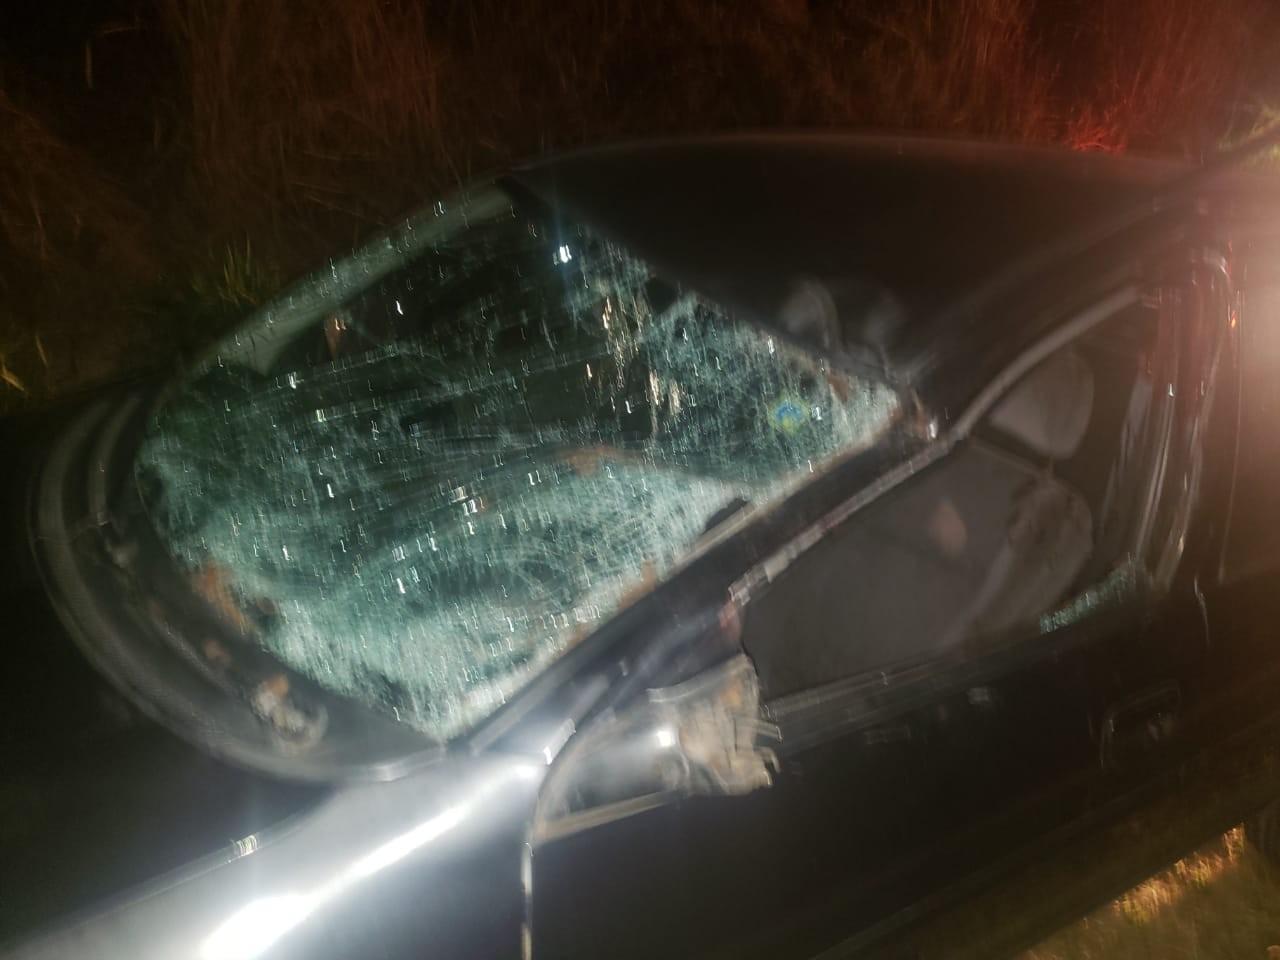 Cavalo morre após ser atropelado por dois veículos em vicinal que liga Garça a Ubirajara - Notícias - Plantão Diário